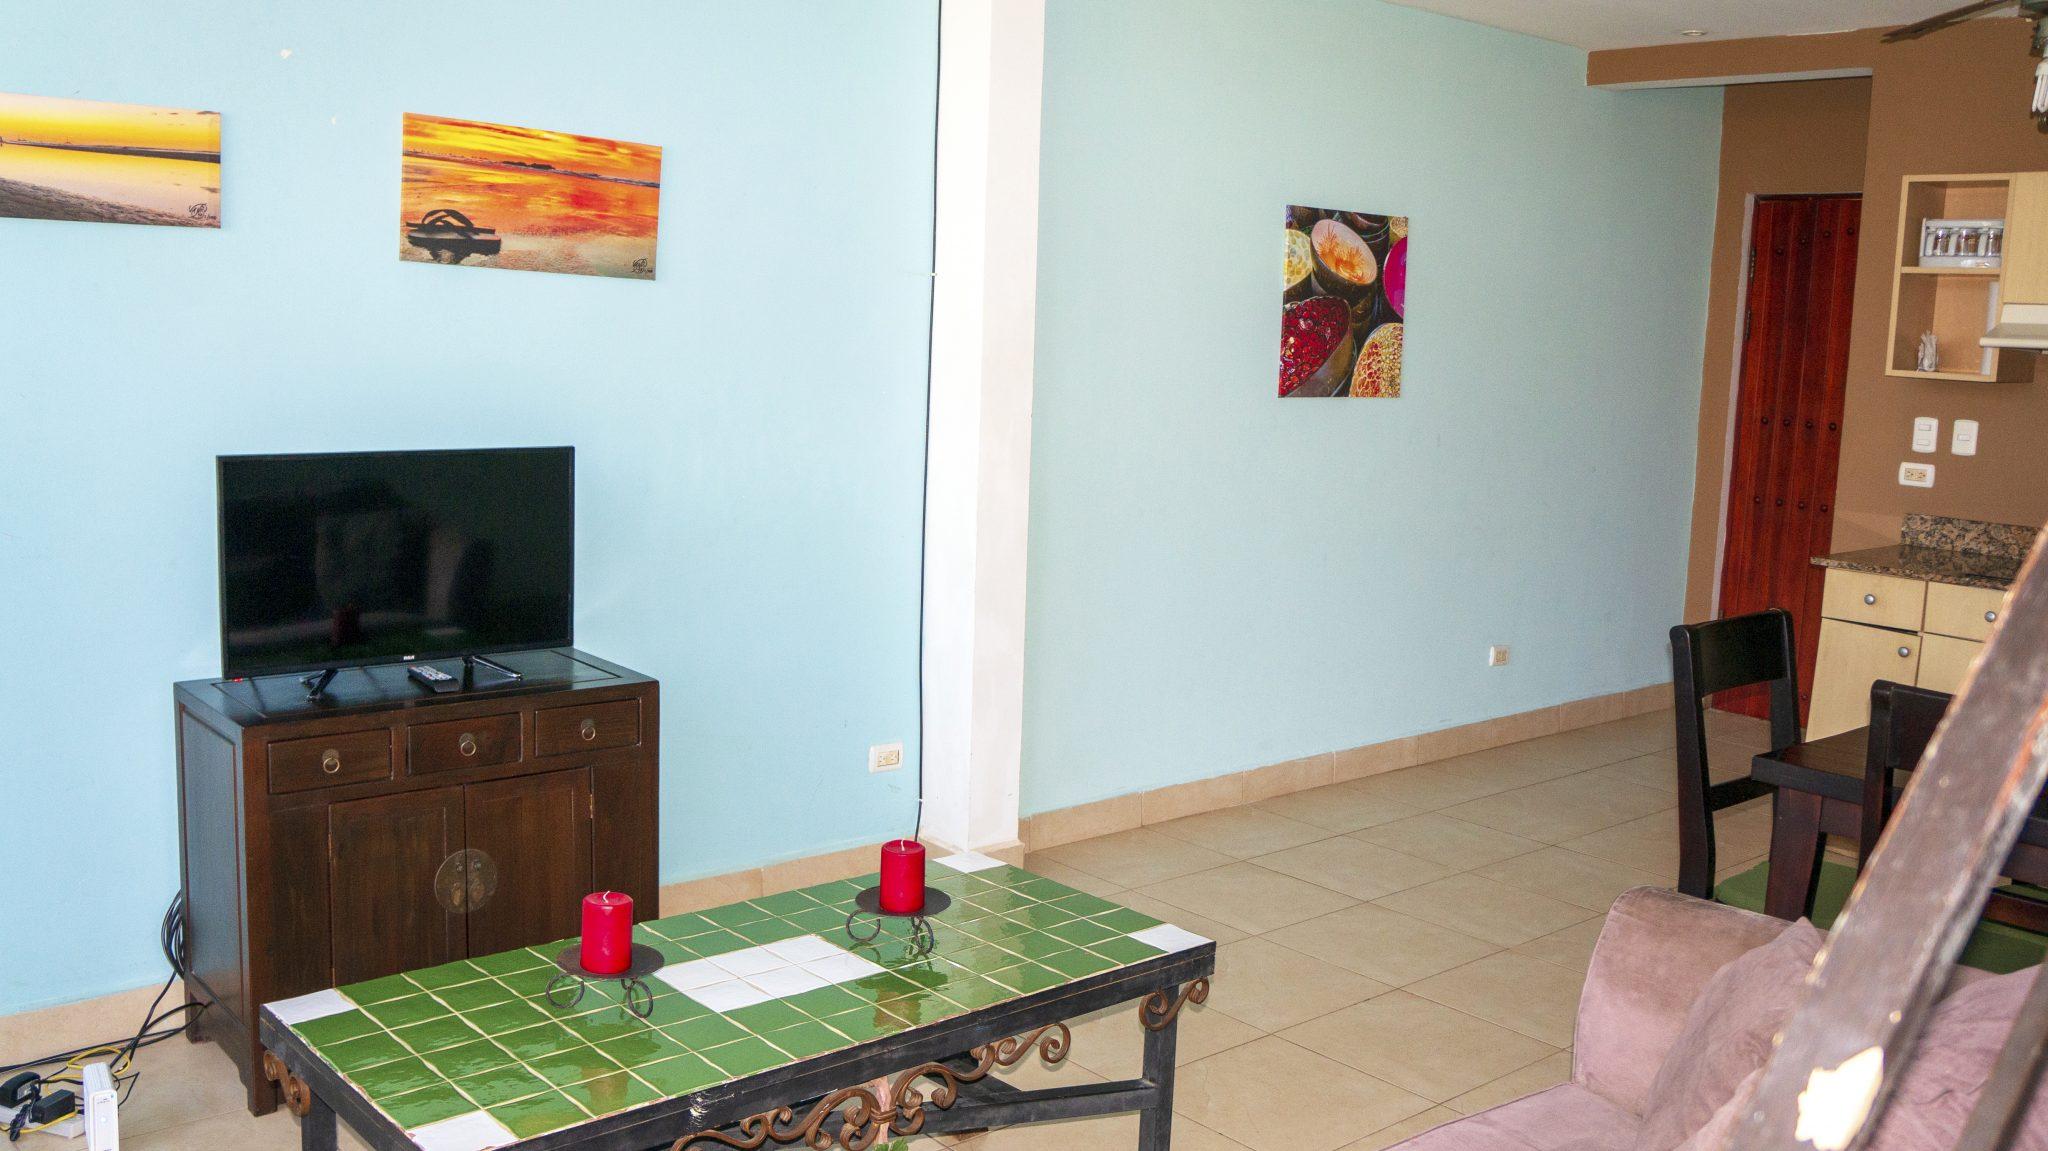 PL4 - Living Room + TV